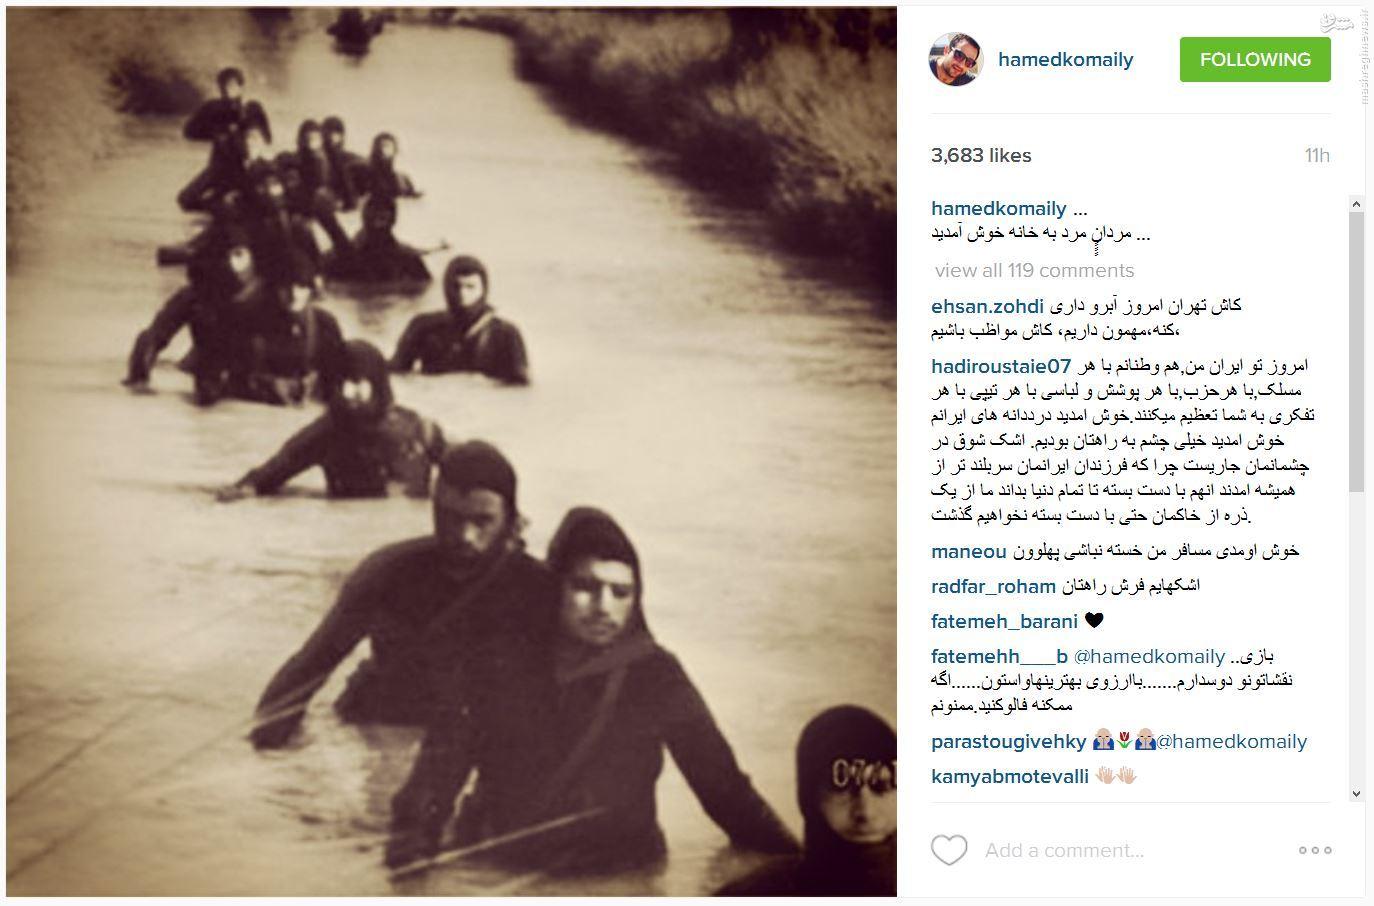 حامد کمیلی، بازیگر